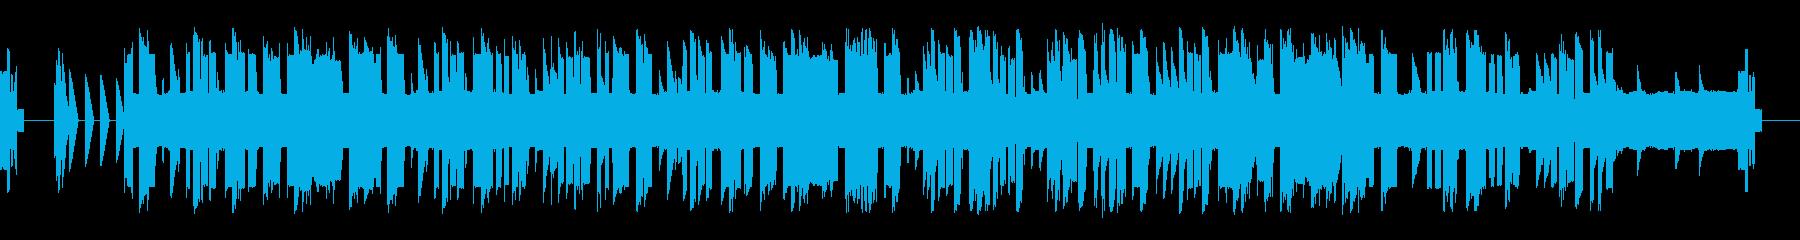 ★ファミコン的 キャラクターセレクト風の再生済みの波形